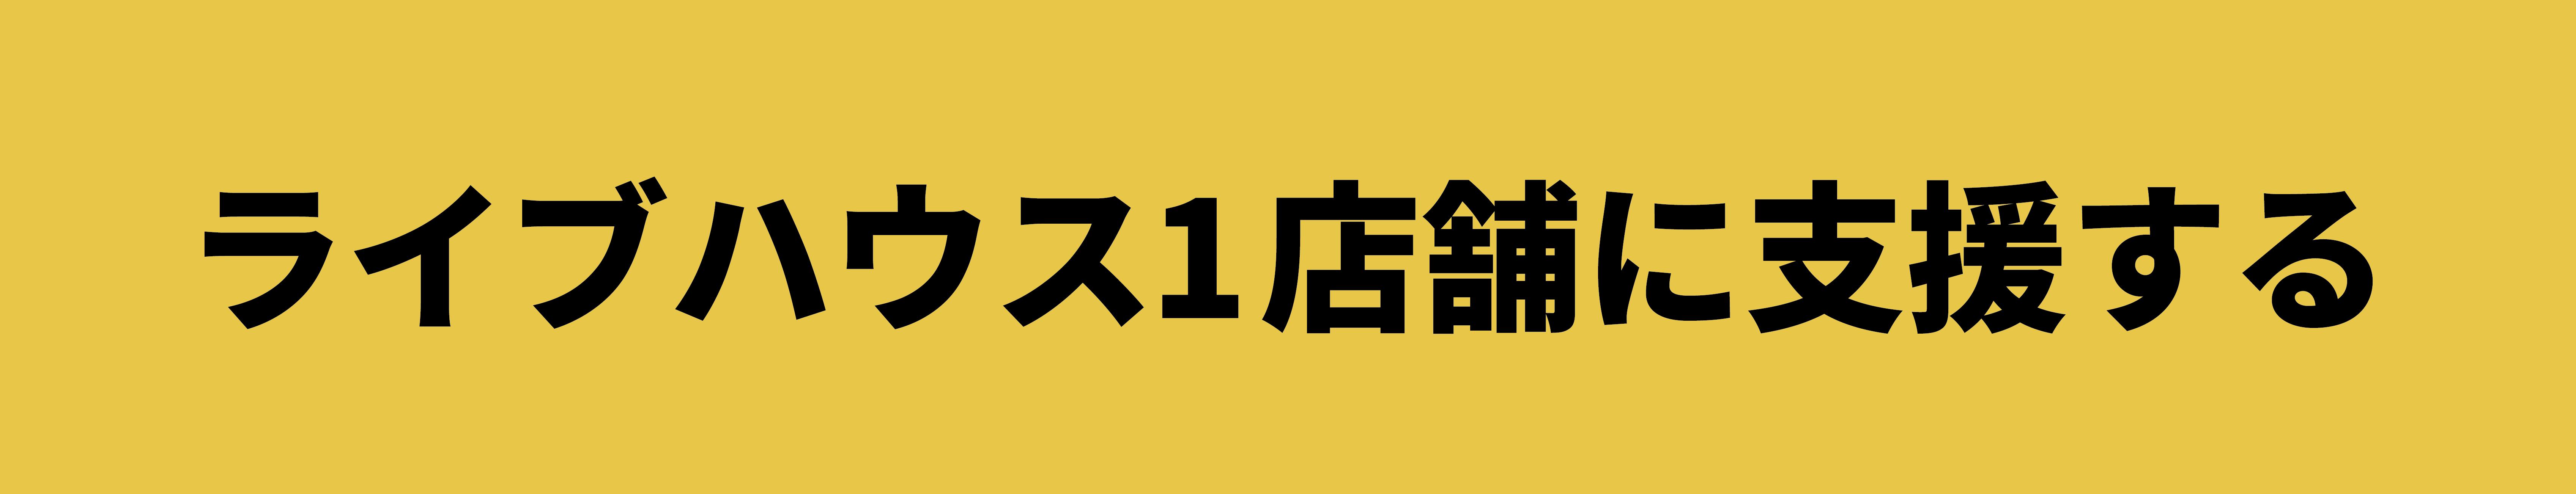 アンケートフォーム5